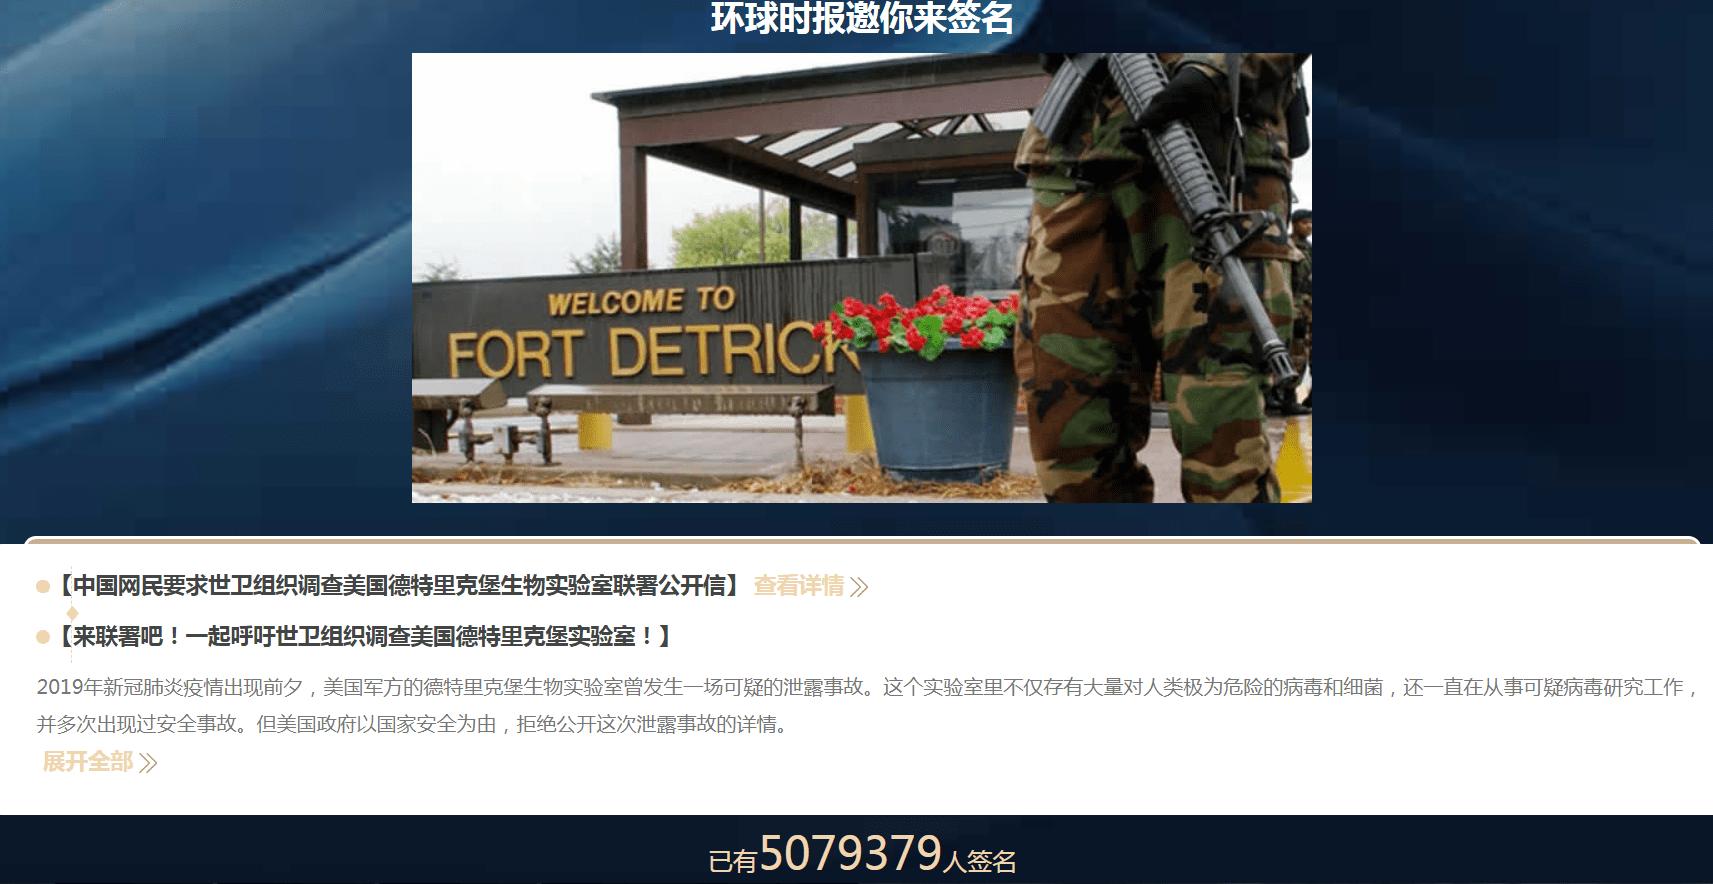 中國《環球時報》稱,已有逾五百萬中國網民聯署,呼籲世衛調查美國德堡生物實驗室 。(澎湃新聞截圖)